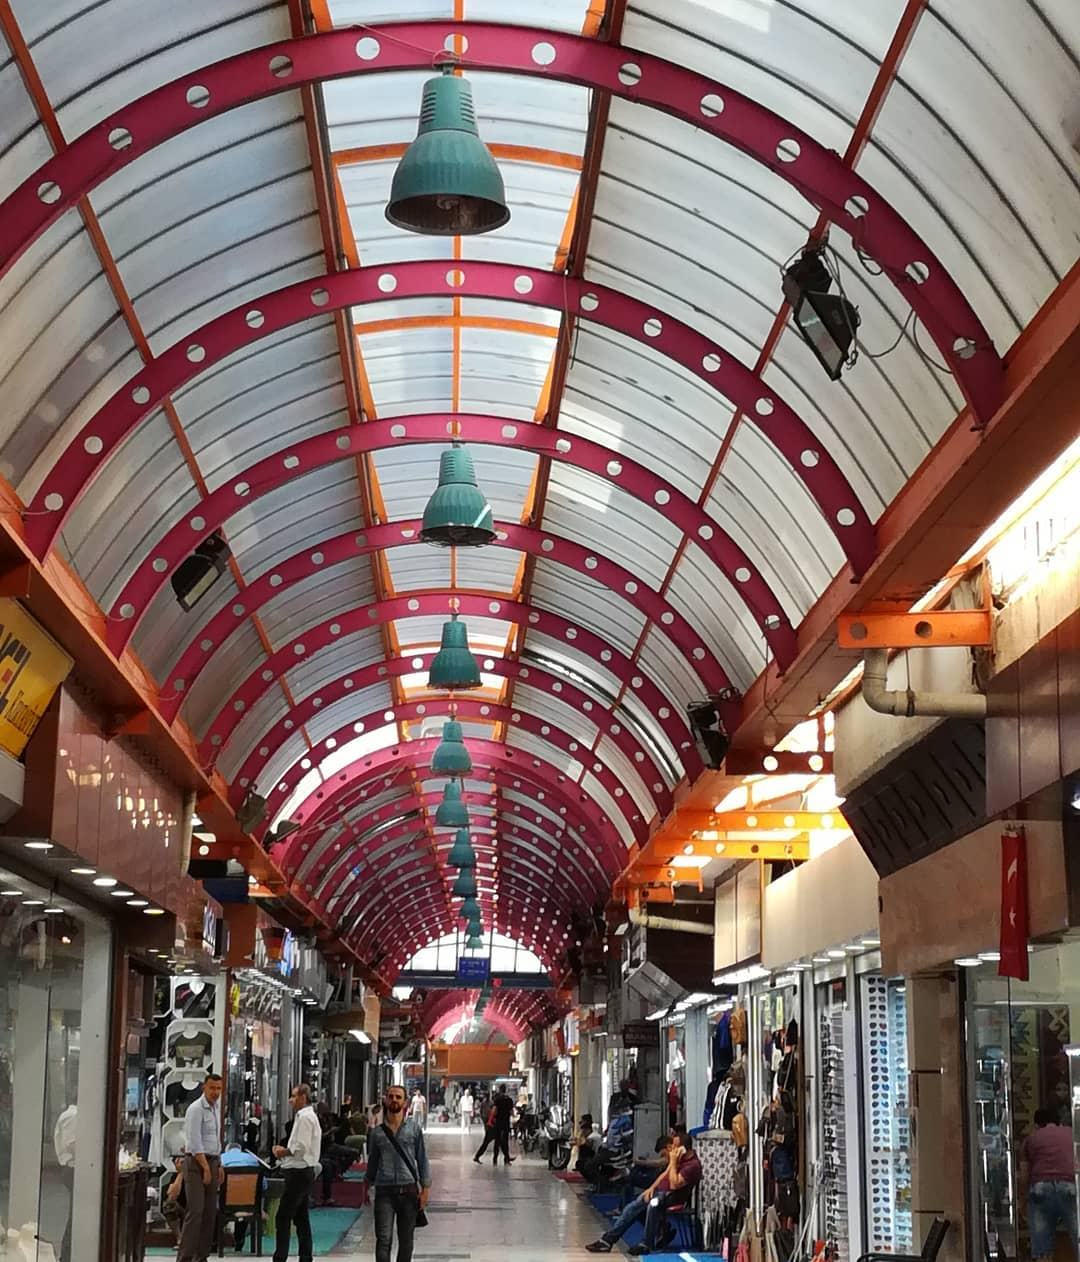 بازار مرمريس - السياحة في مرمريس